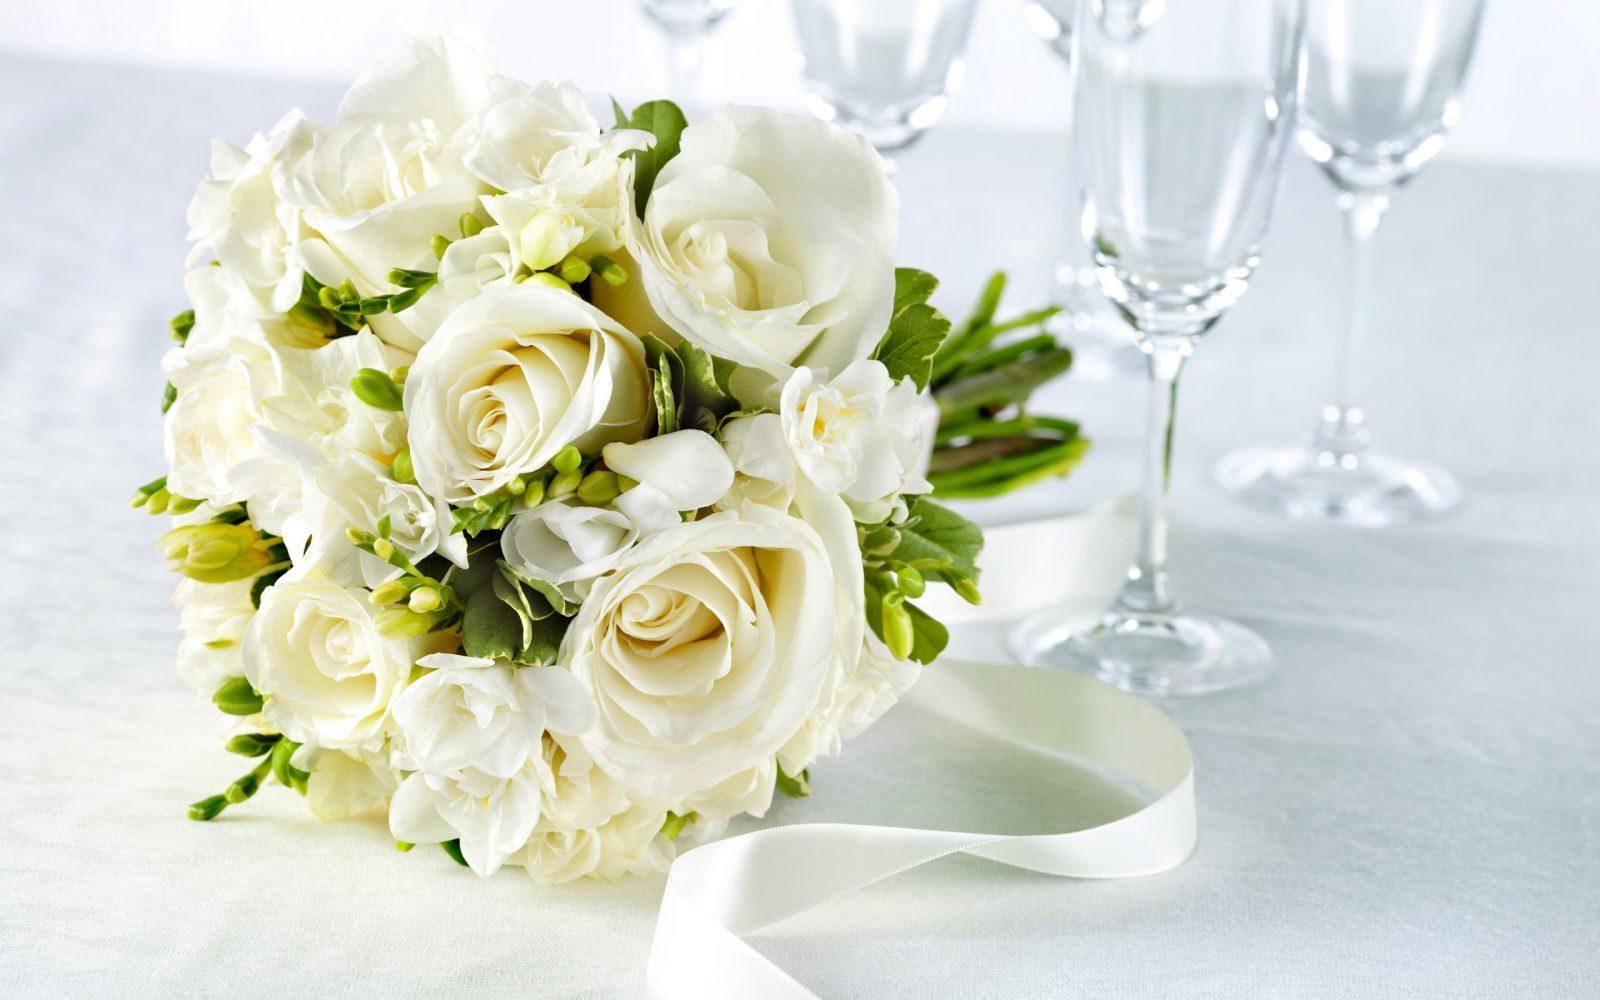 Ramo De Rosas Blancas Imagenes Y Fotos - Imagenes-de-ramos-de-rosas-blancas